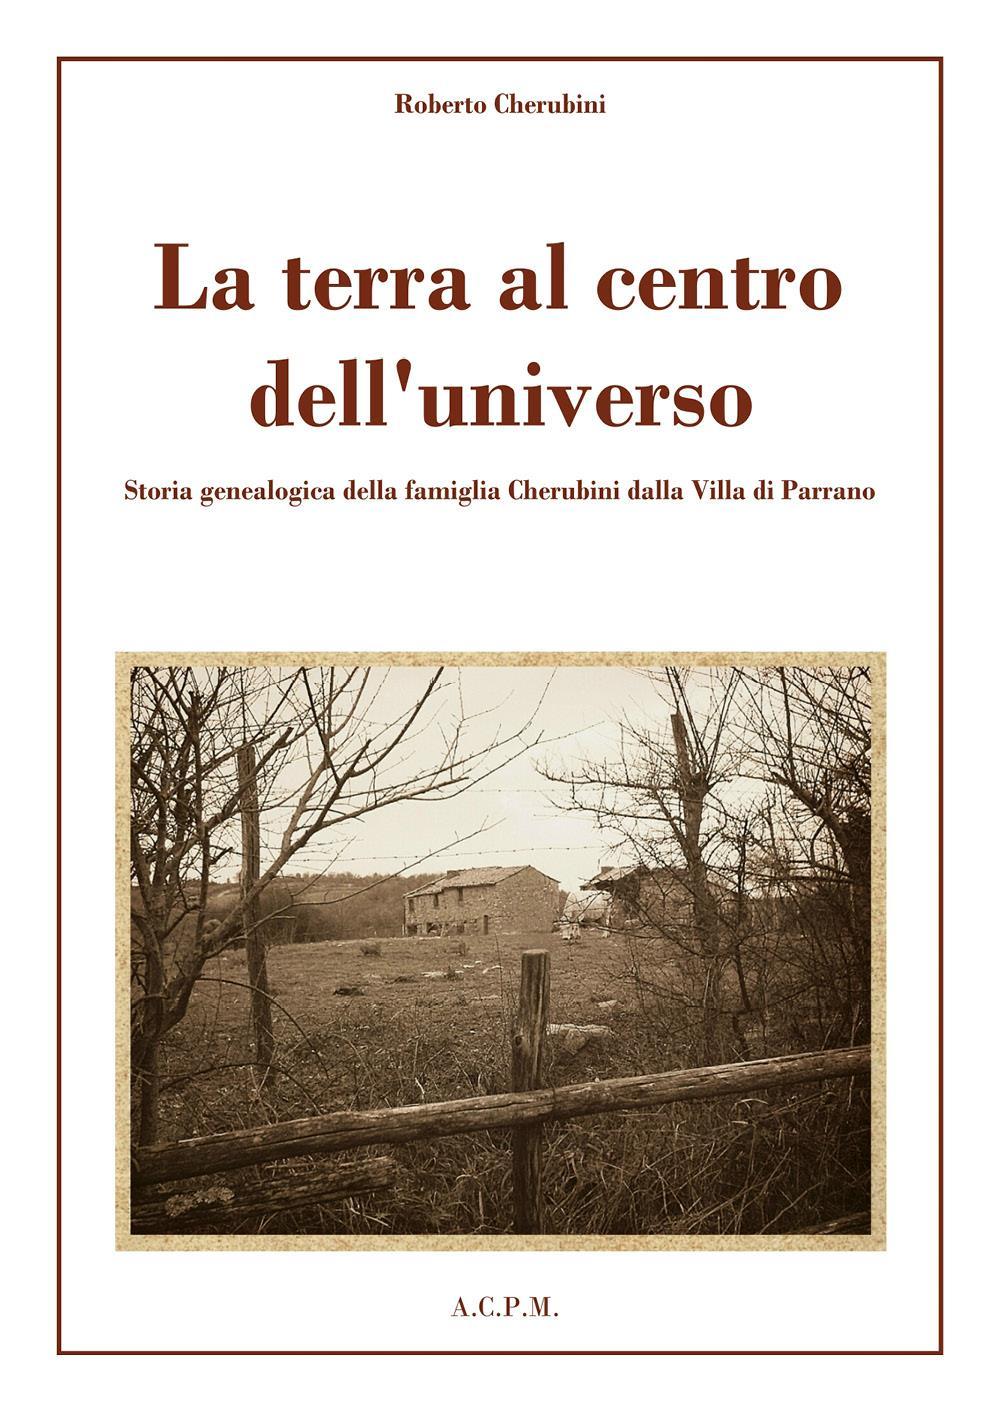 La terra al centro dell'universo. Storia genealogica della famiglia Cherubini dalla Villa di Parrano.